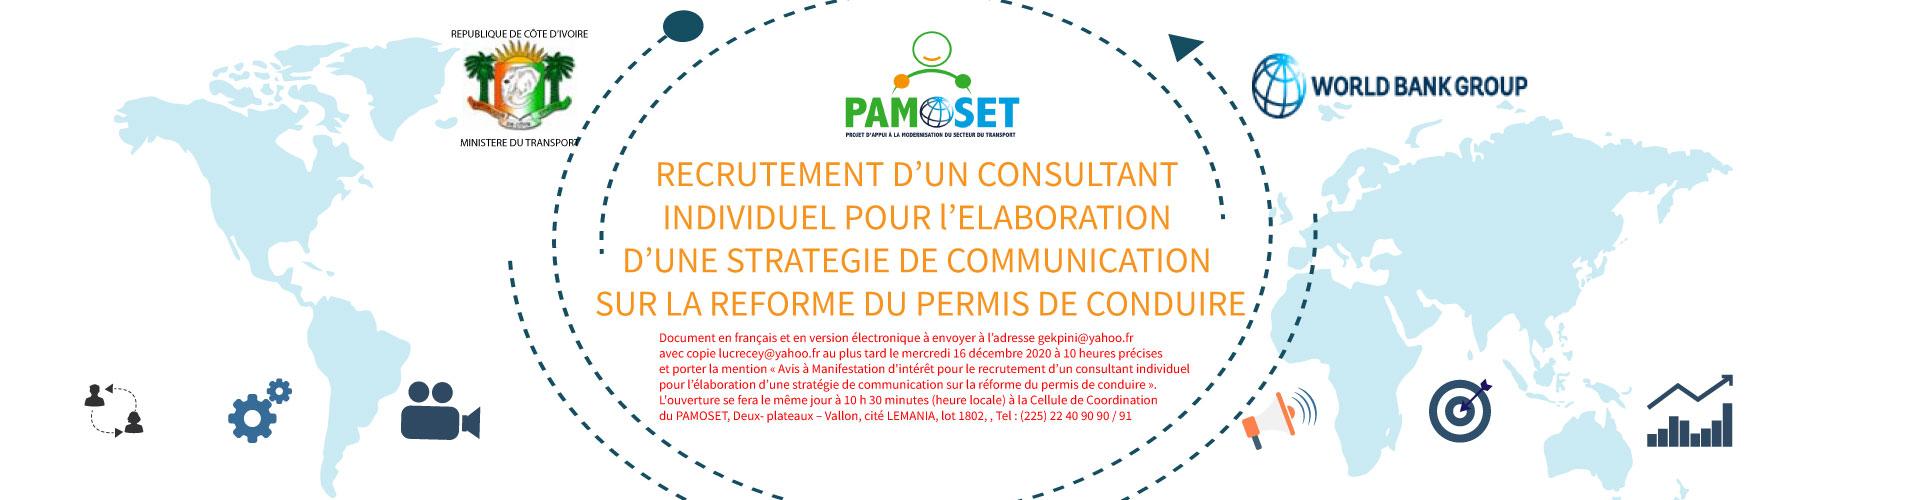 Consultant-Marketing-Permis1